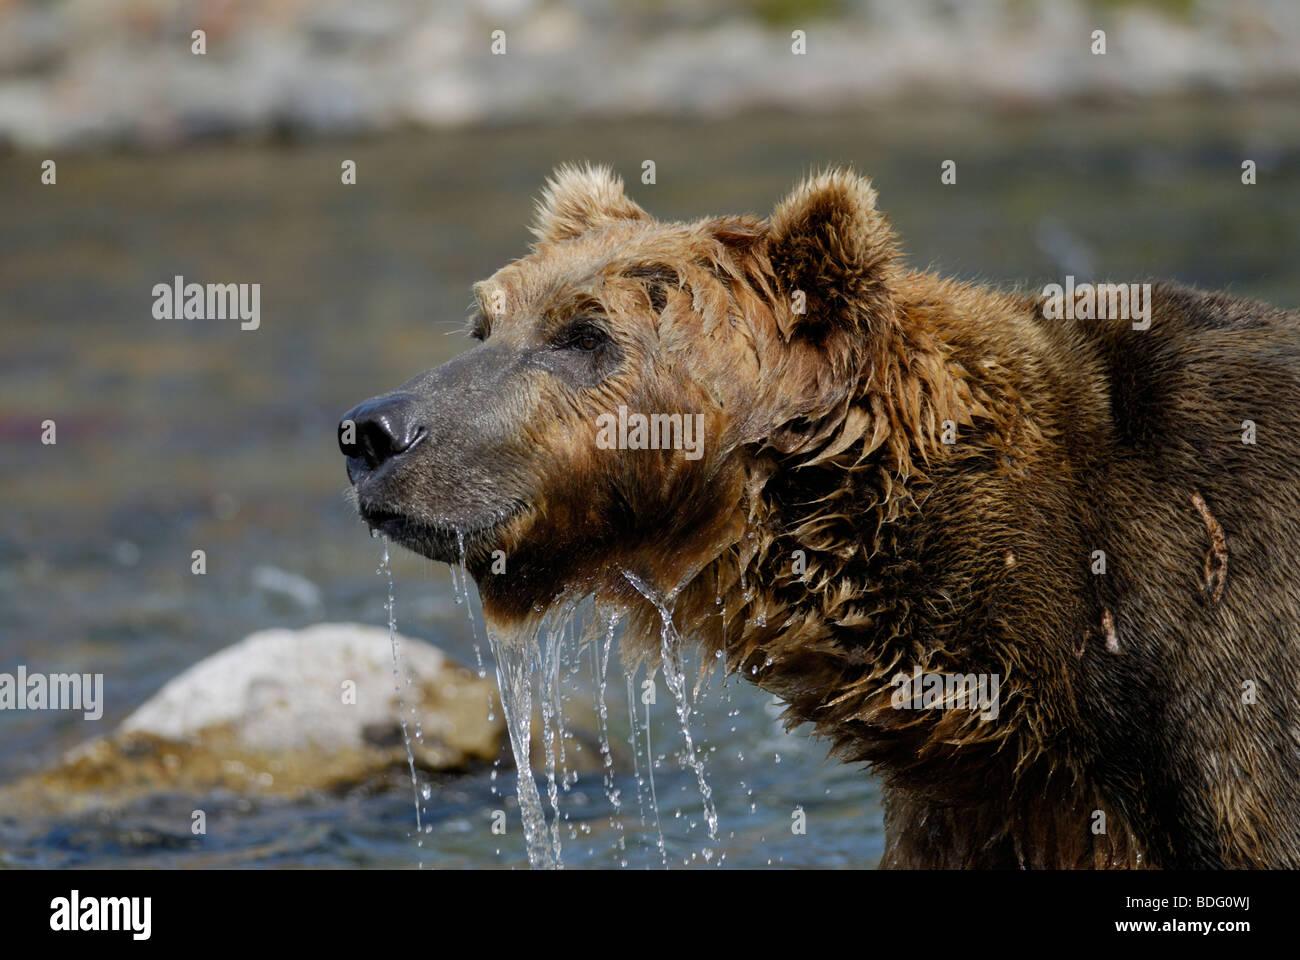 Oso pardo o Grizzly Bear, Ursus arctos horribilis, después de mirar en el agua para el salmón. Segundo en secuencia con imagen # BDG0WC Foto de stock